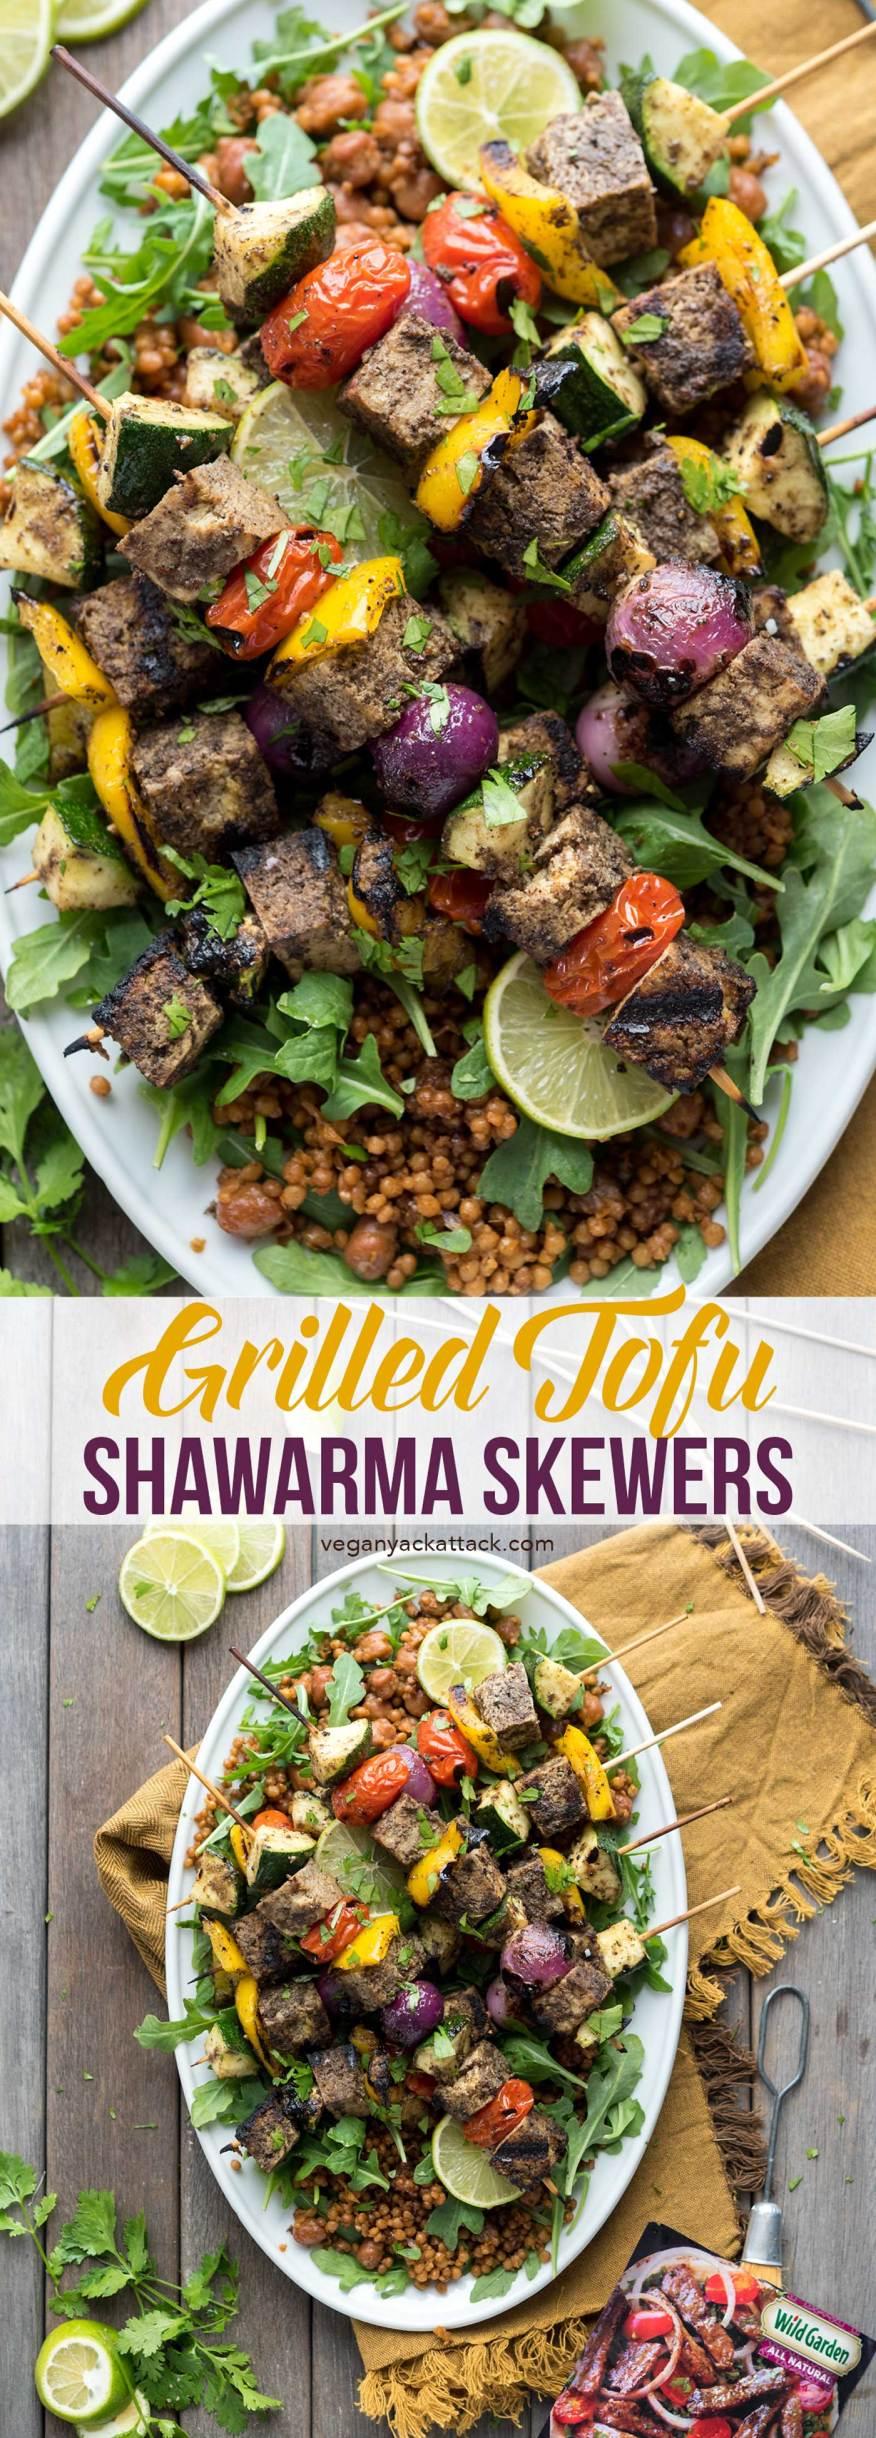 Grilled Tofu Shawarma Skewers Recipe - Vegan Yack Attack